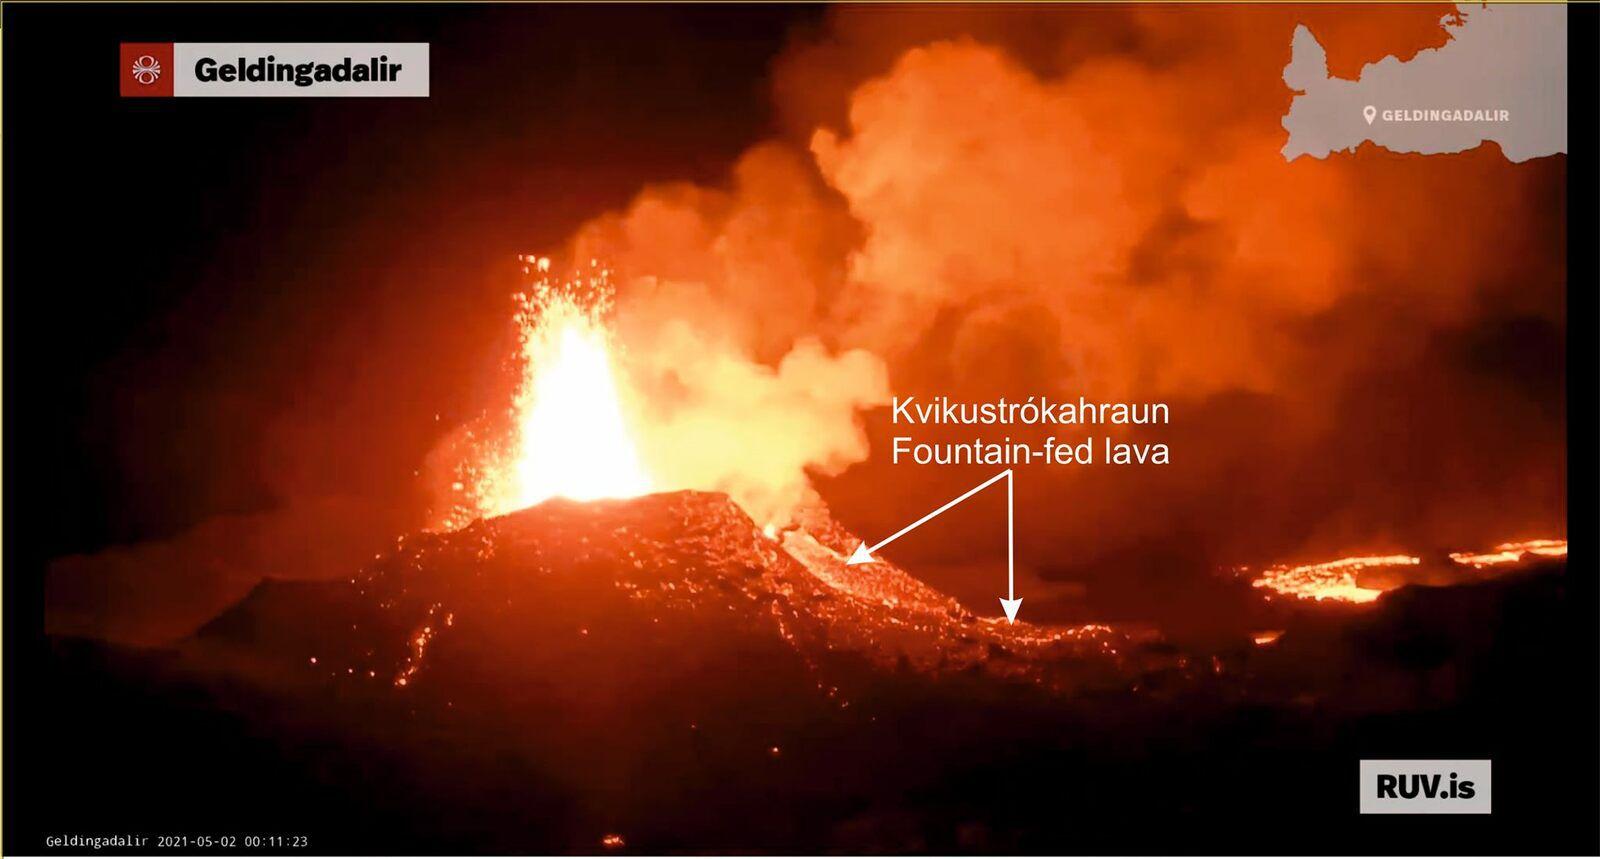 Geldingadalur - vent # 5b - lava flow fed by a fountain on 02.05.2021 / 00h11 - RUV webcam annotated Eldfjallafræði og náttúruvárhópur Háskóla Íslands - one click to enlarge